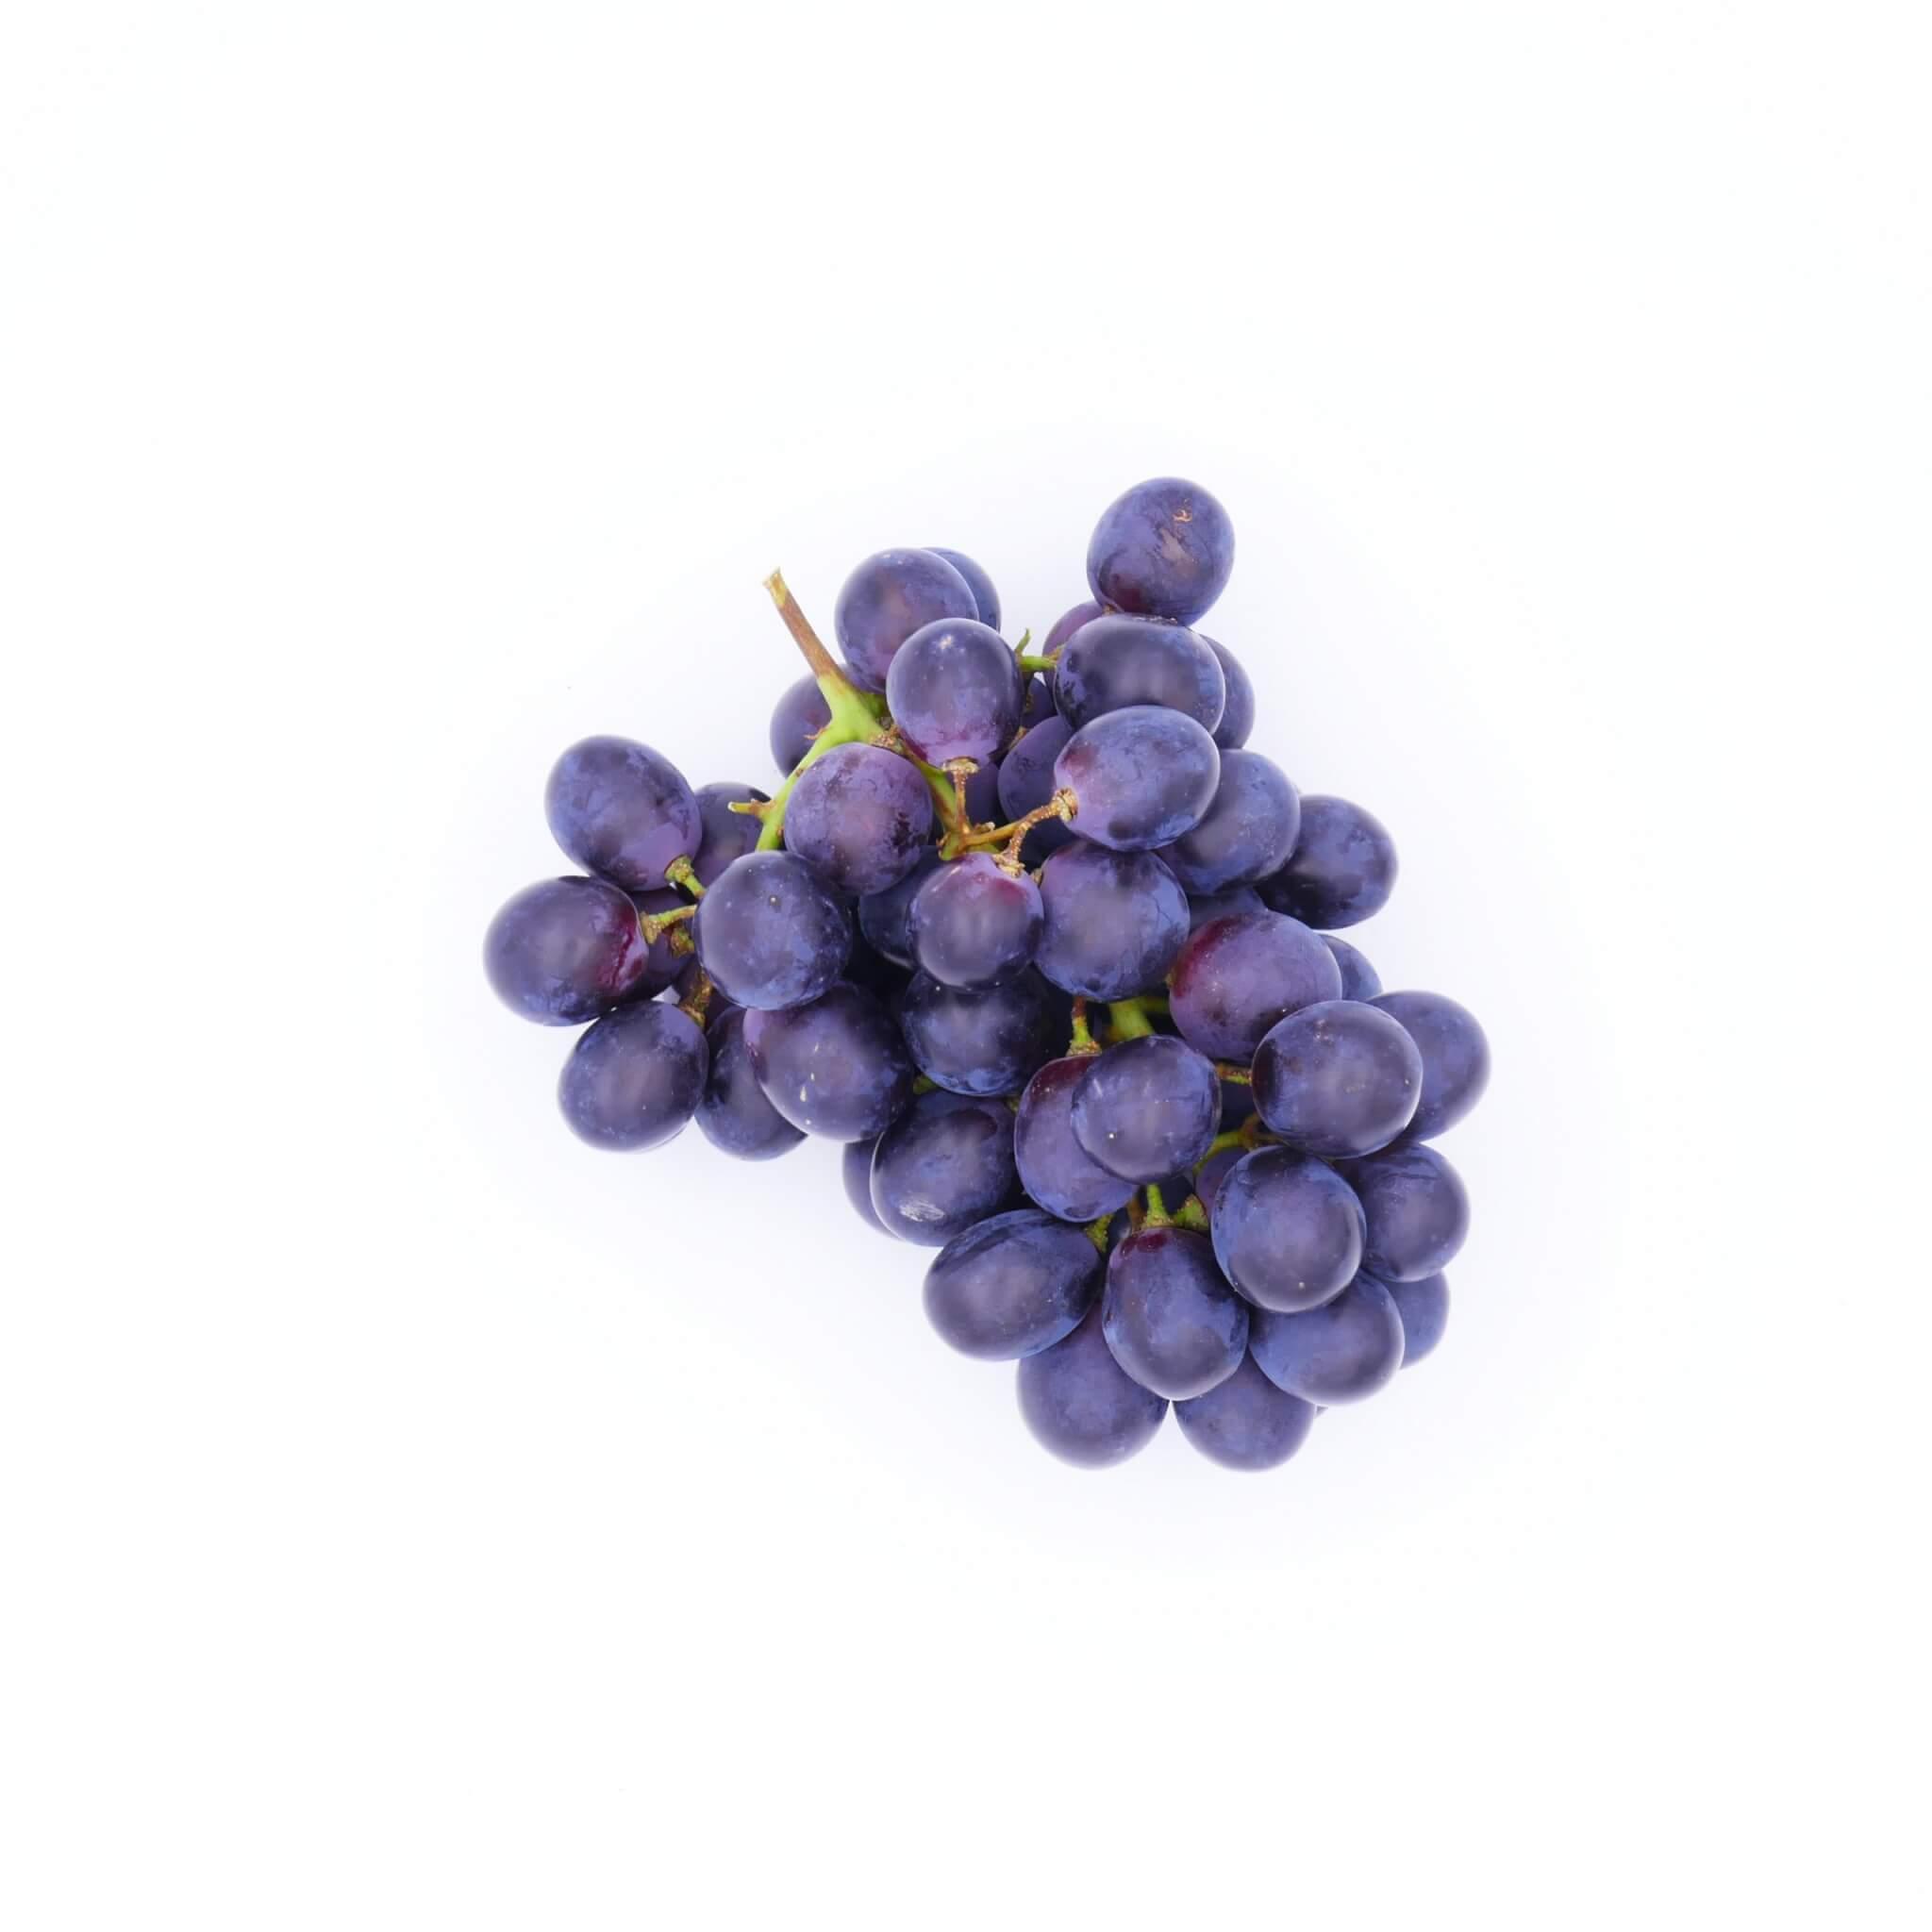 Kopen Bij De Boer De Kragge Meliskerke Druiven Blauw 250 Gram